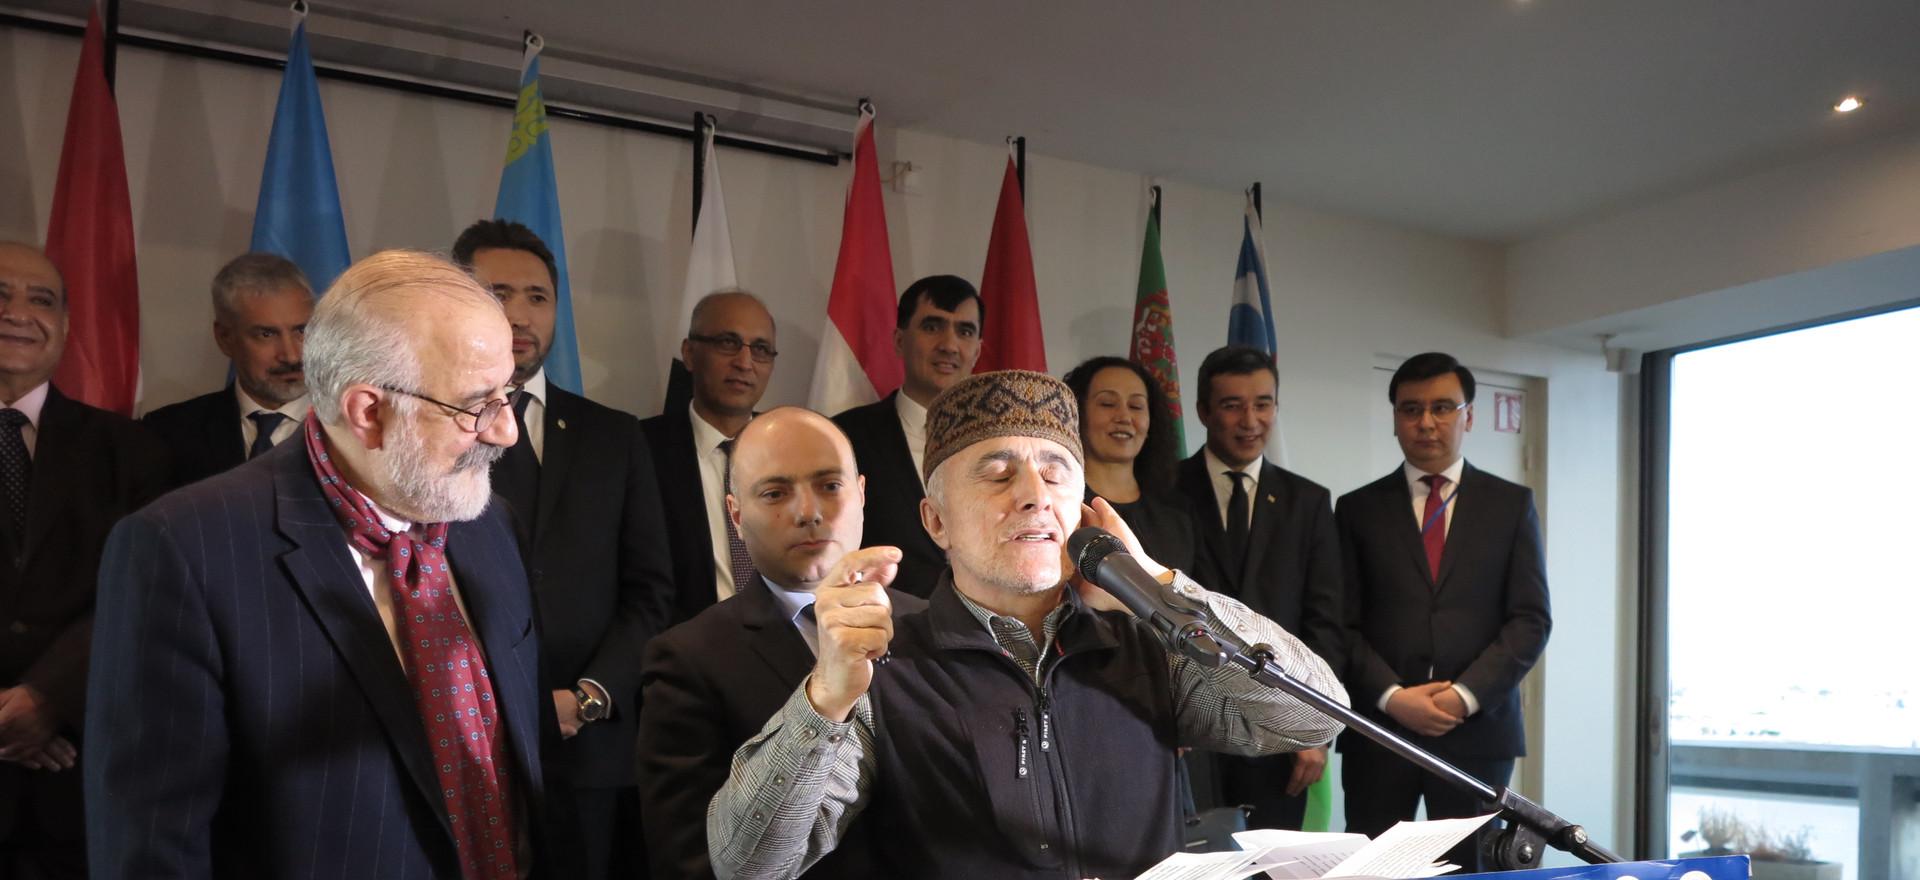 NEWROUZ Ceremony at UNESCO